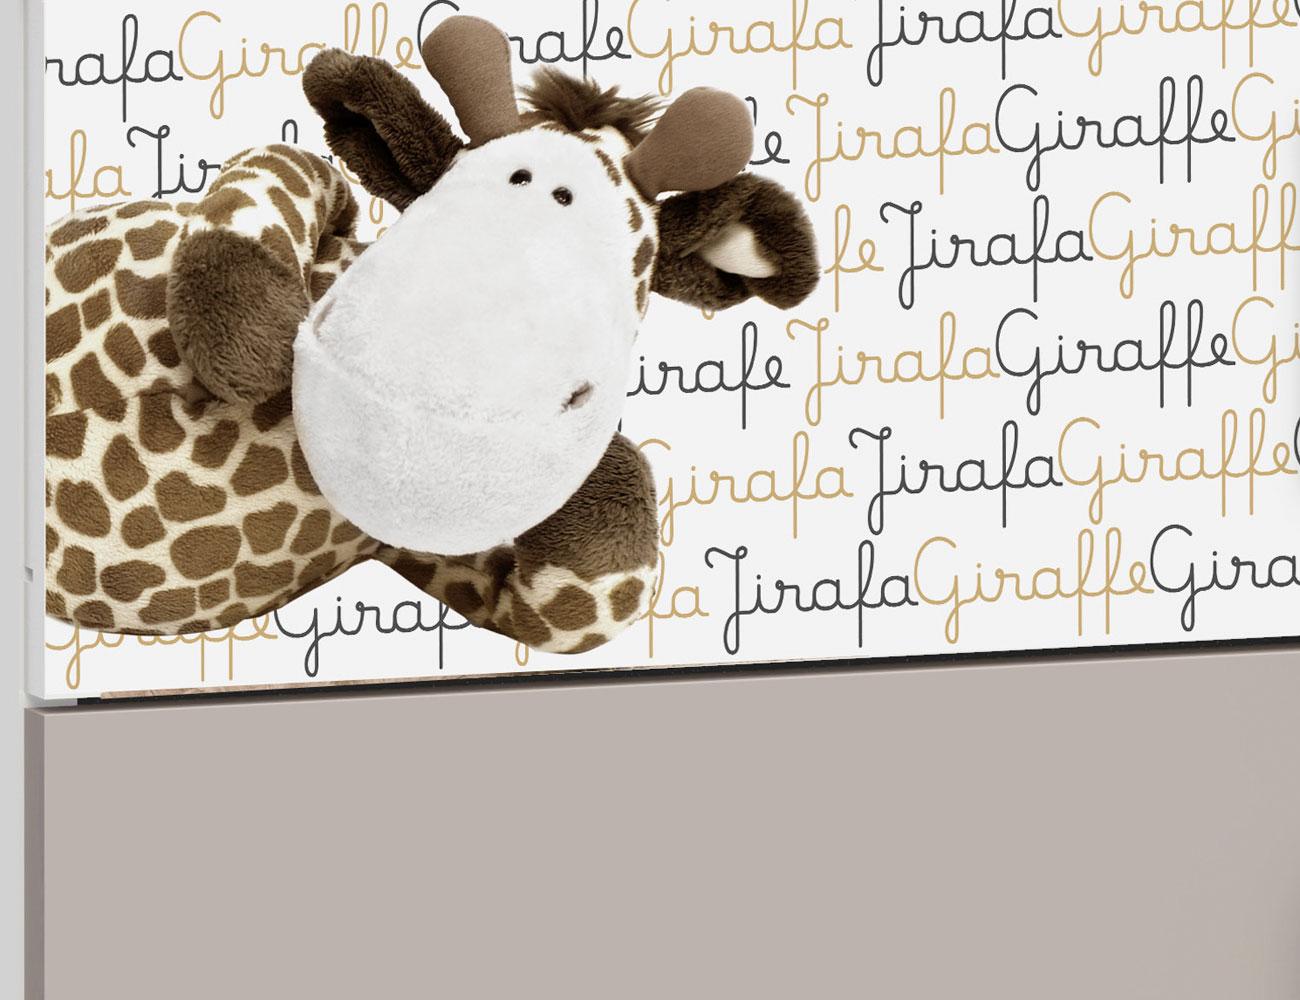 Comoda jirafa 703 23